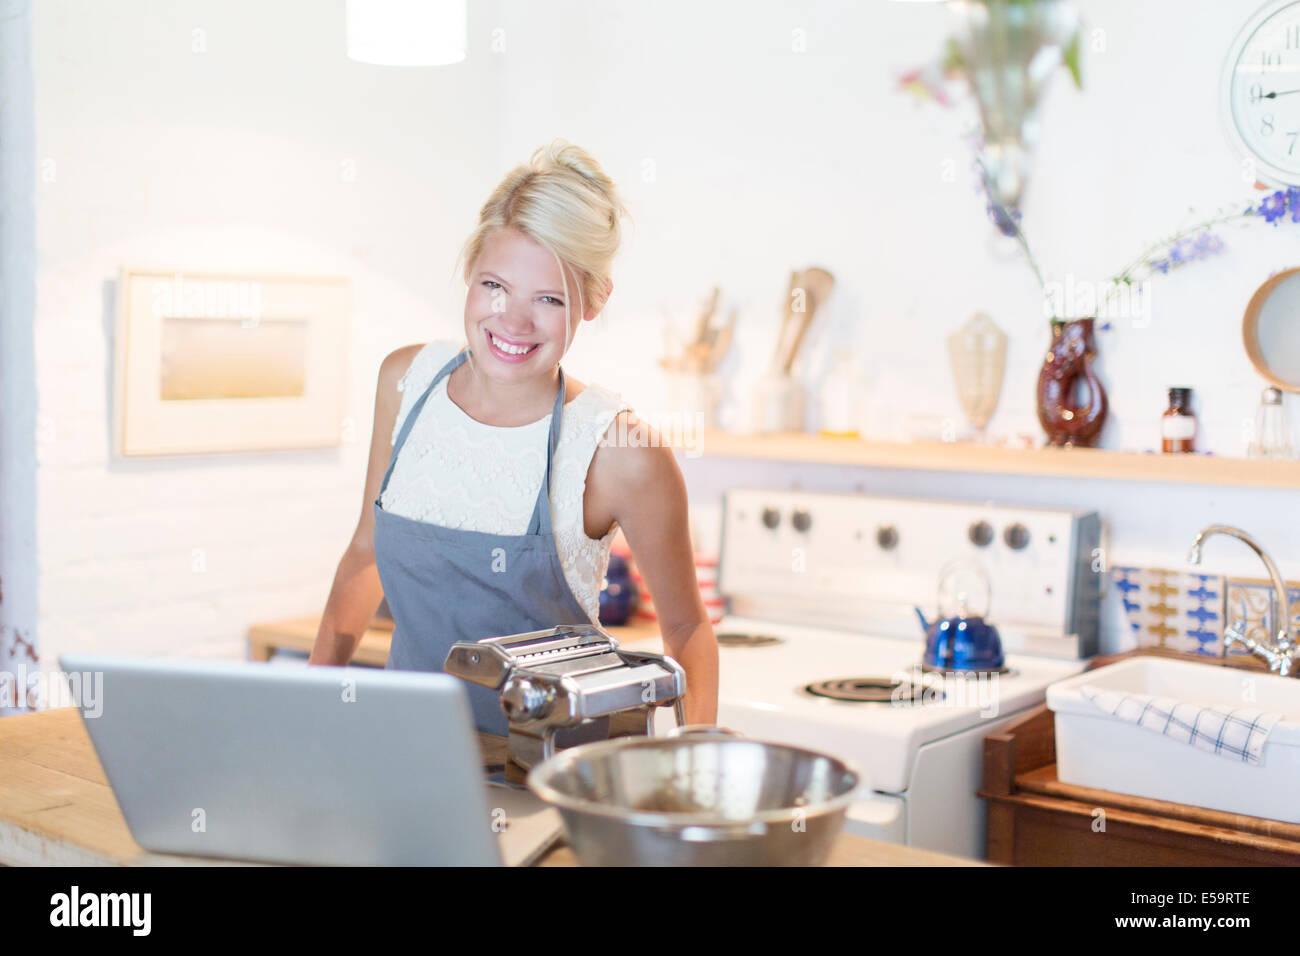 Frau am Laptop in Küche Stockbild